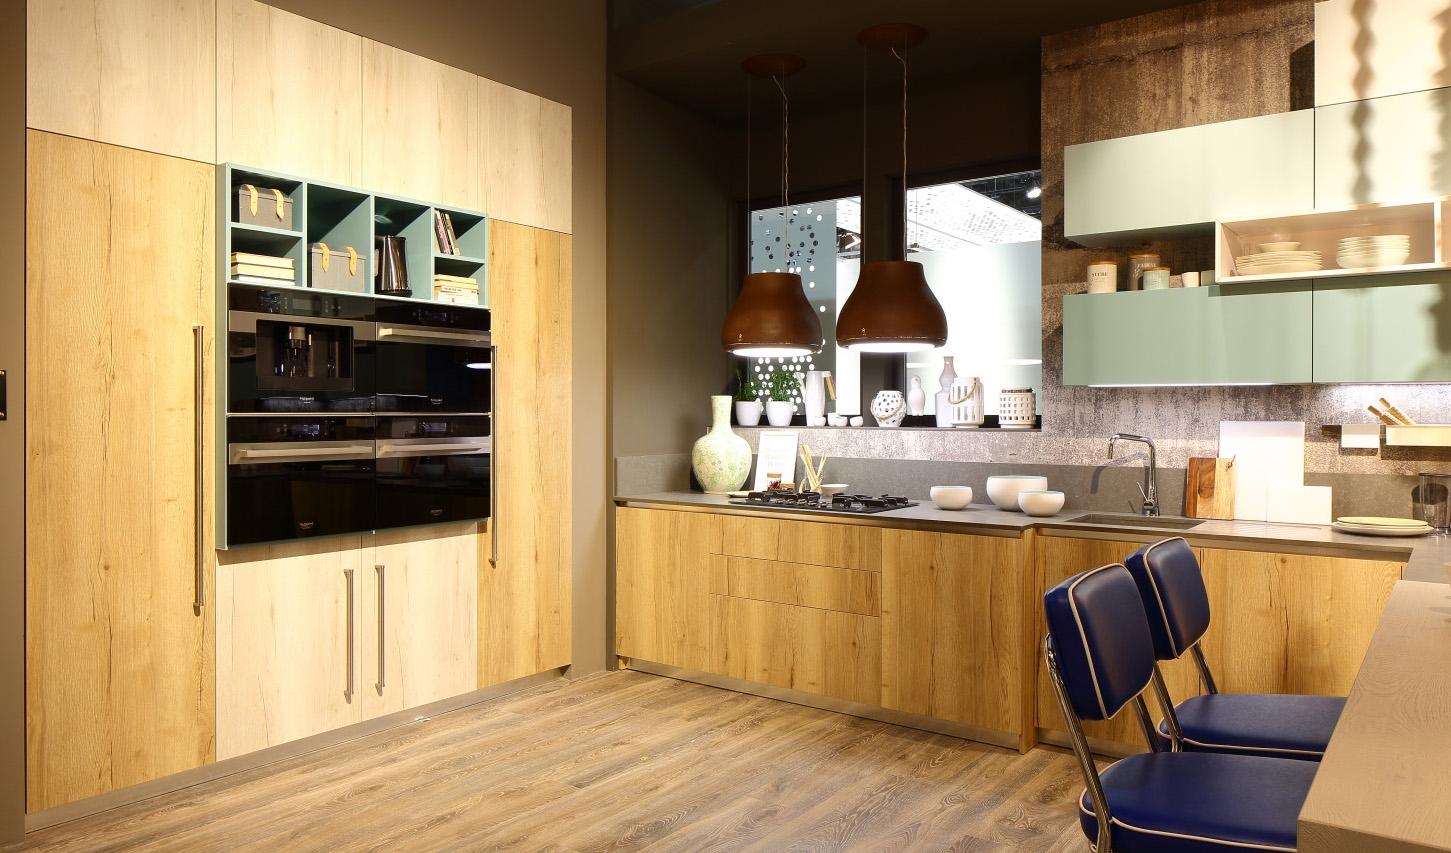 Cucine Moderne Arrex. Top View Larger Image Arredamenti Spagnolini ...